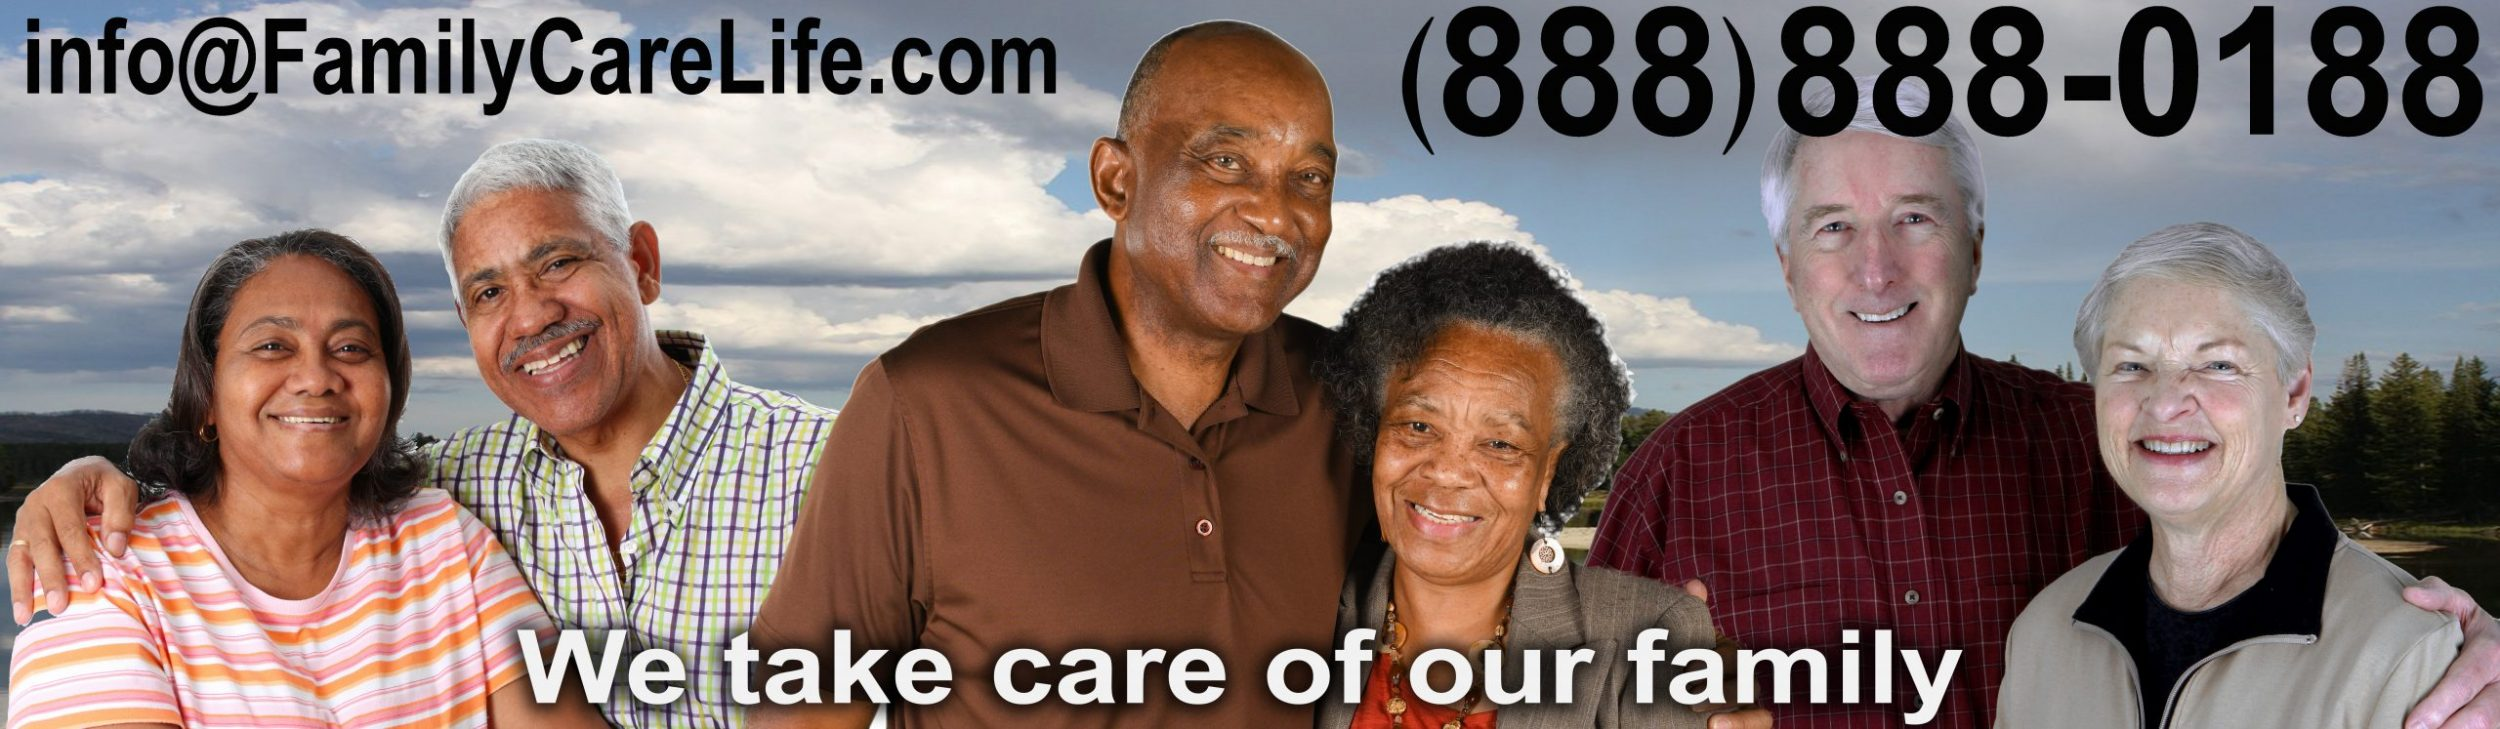 FamilyCareLife.com       📞888-888-0188